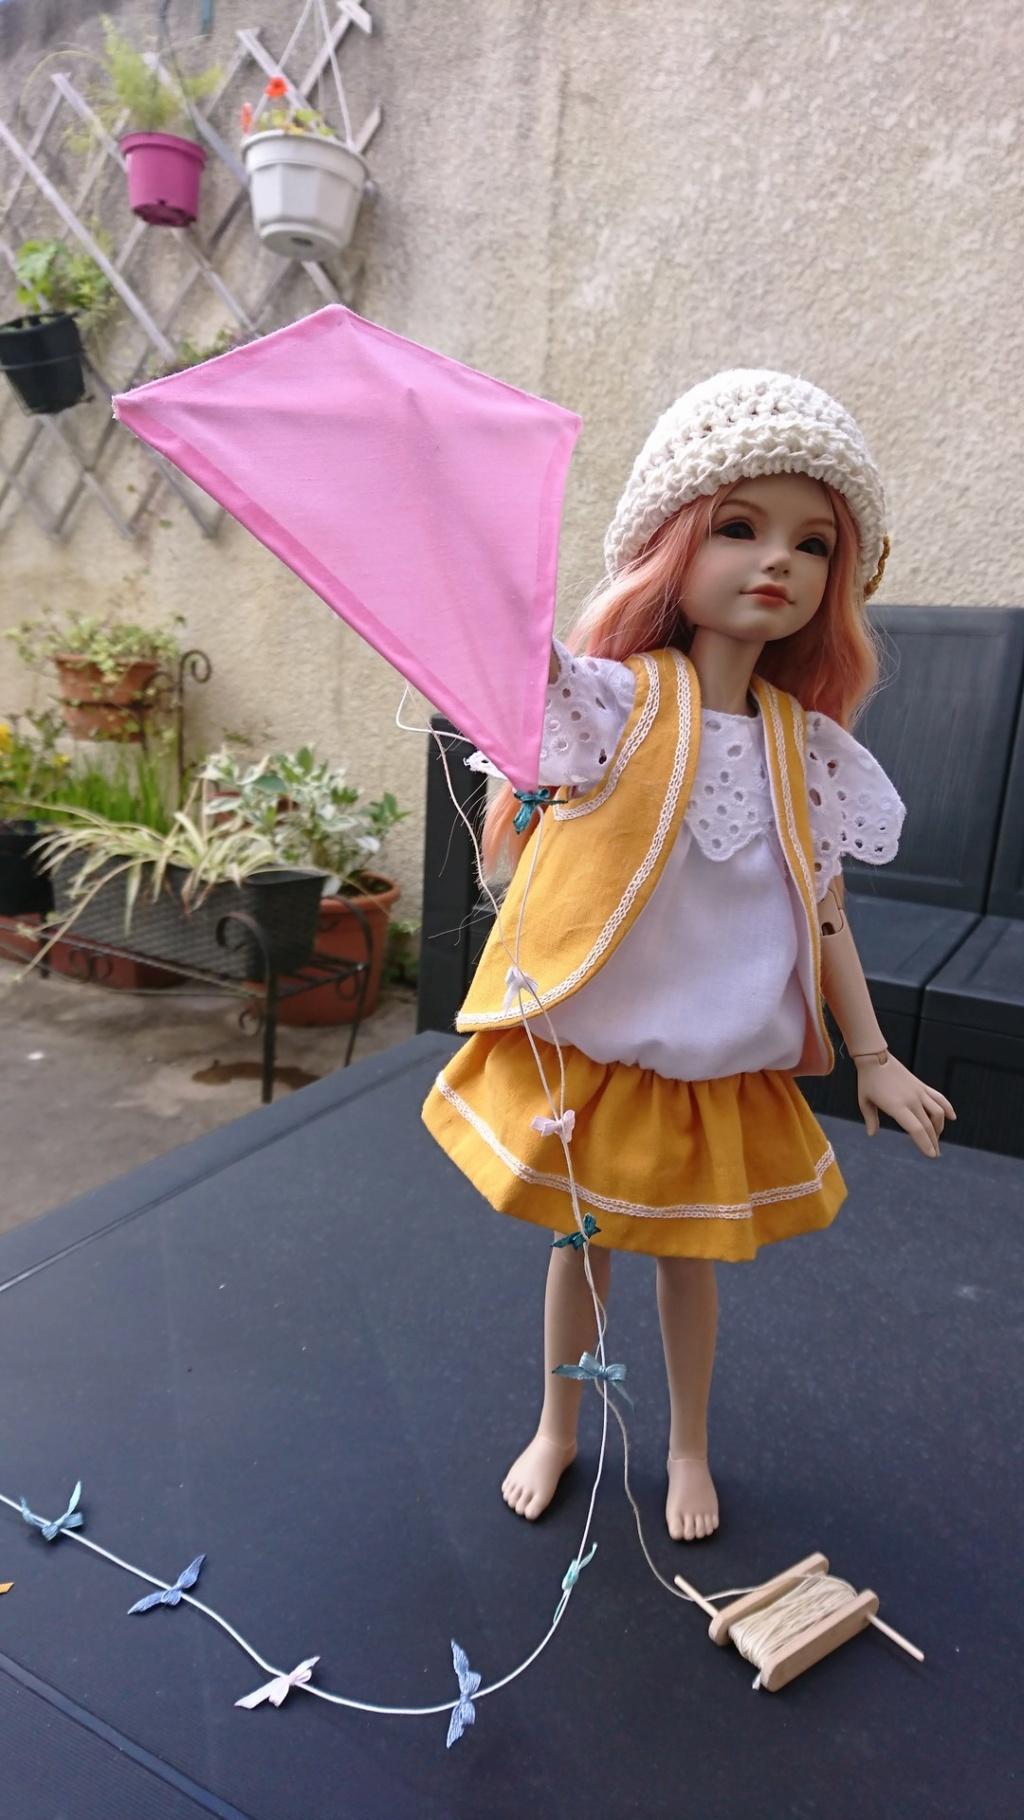 Faïk couture : Daisy remonte le temps... - Page 2 Dsc_0250